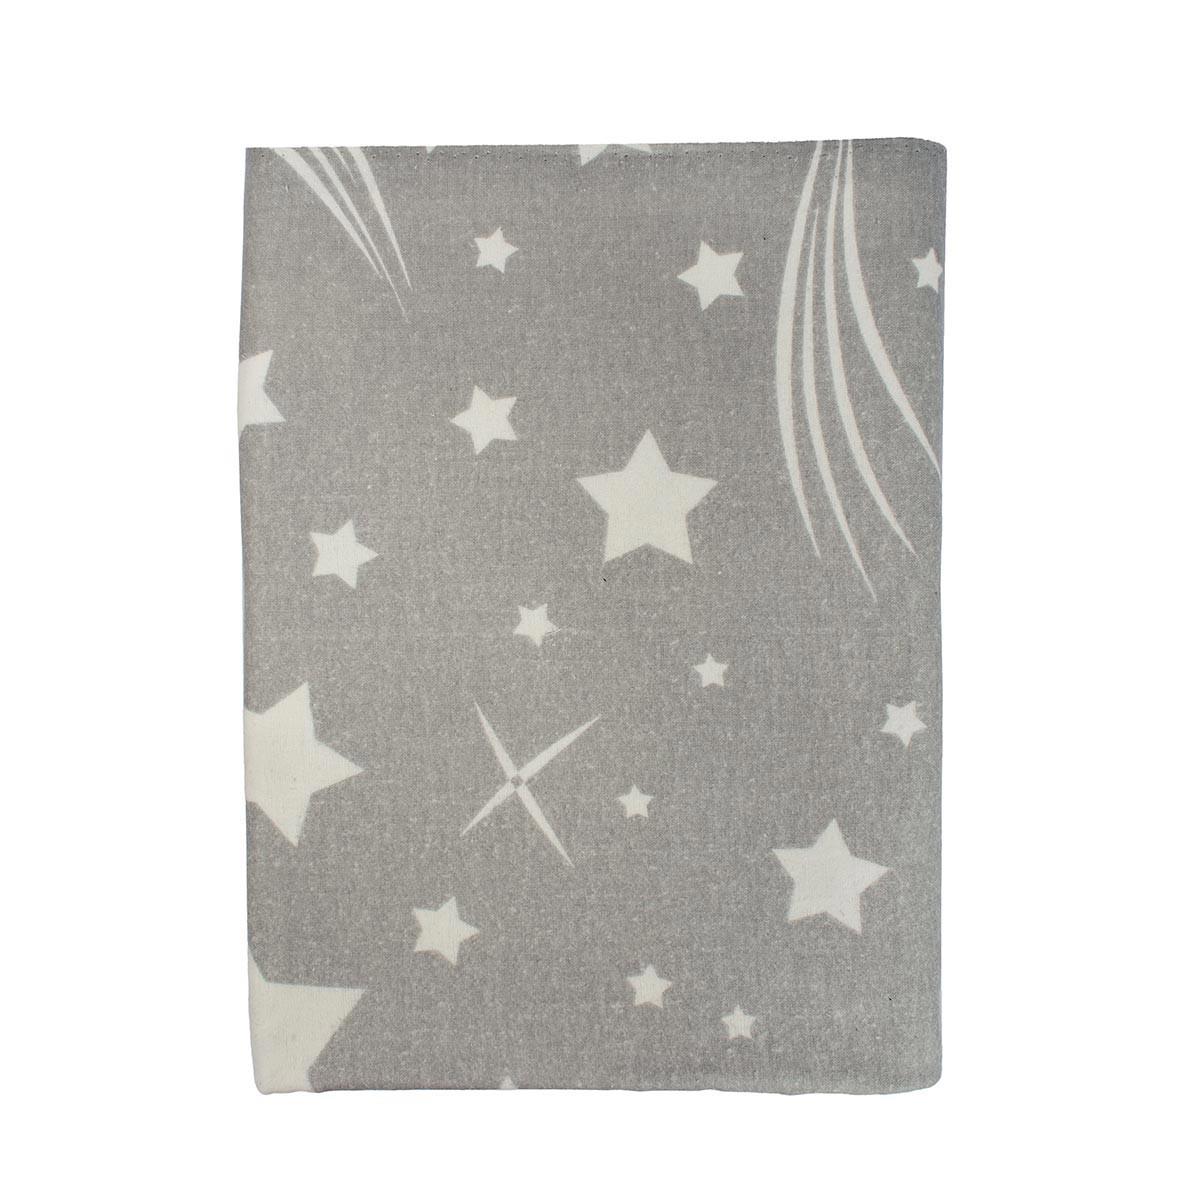 Φανελένια Σεντόνια Μονά (Σετ) Dimcol Star 38 Grey